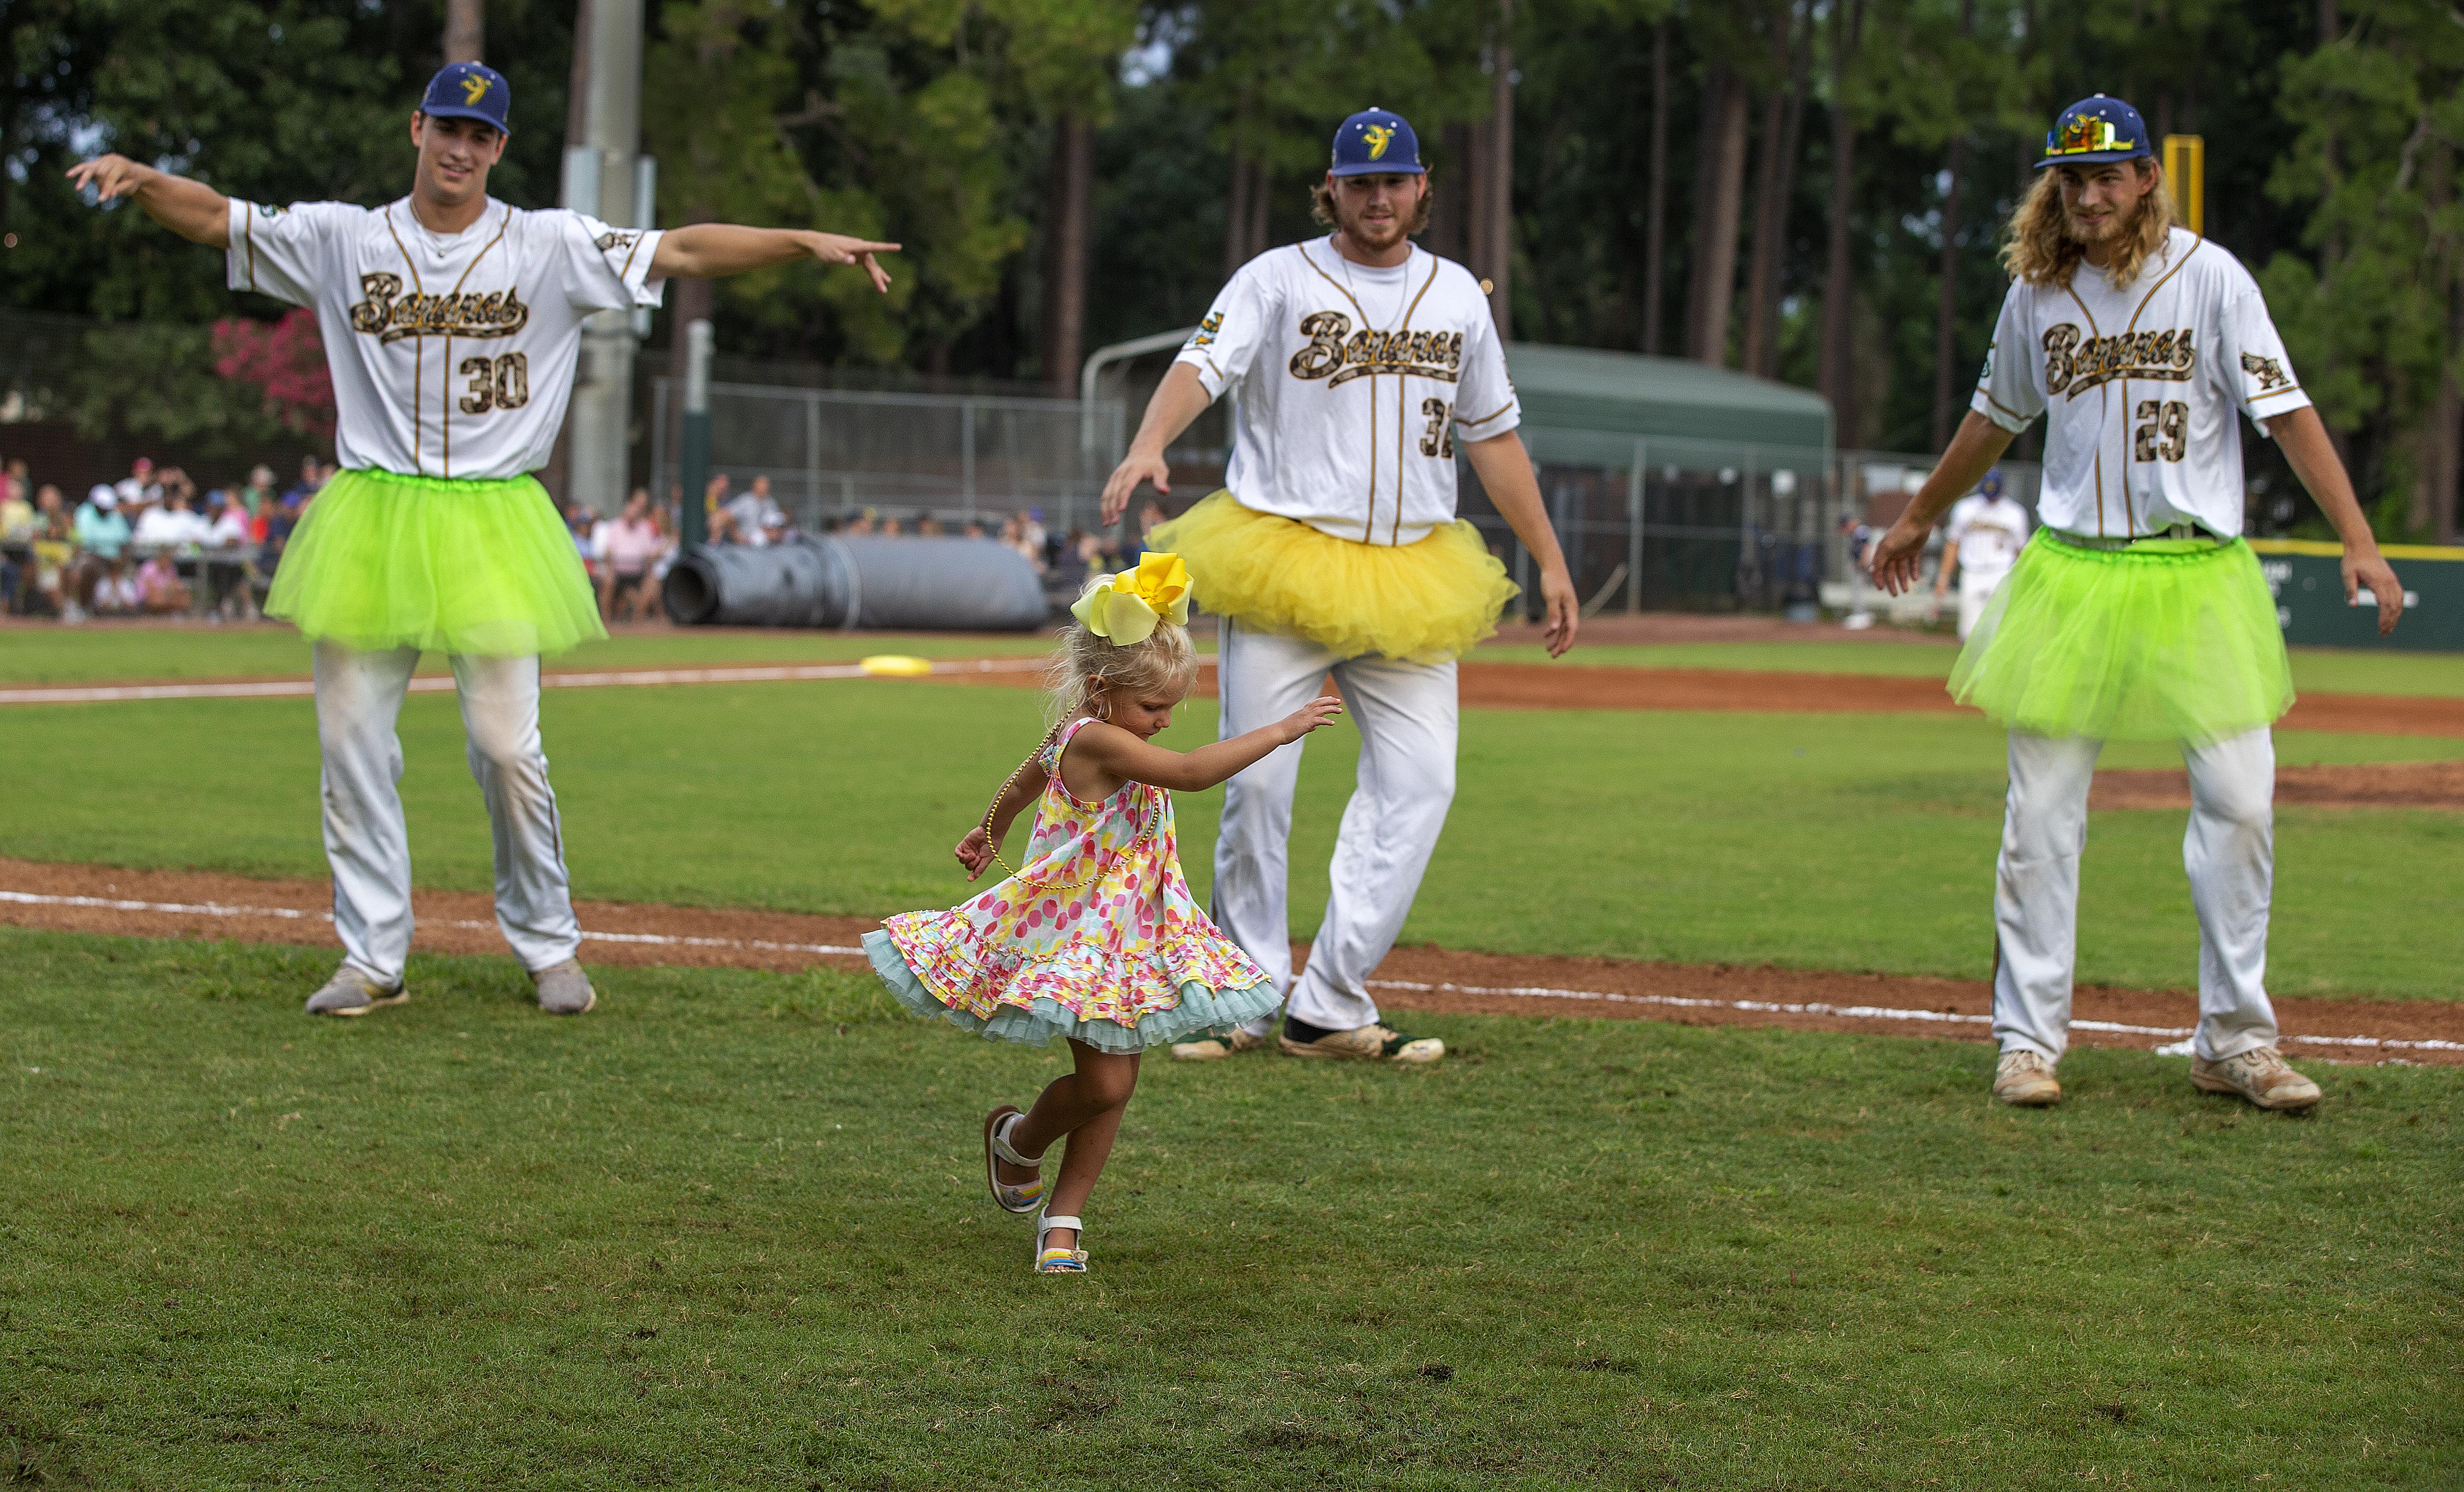 Người chơi nhảy tutus với một bé gái giữa các lượt.